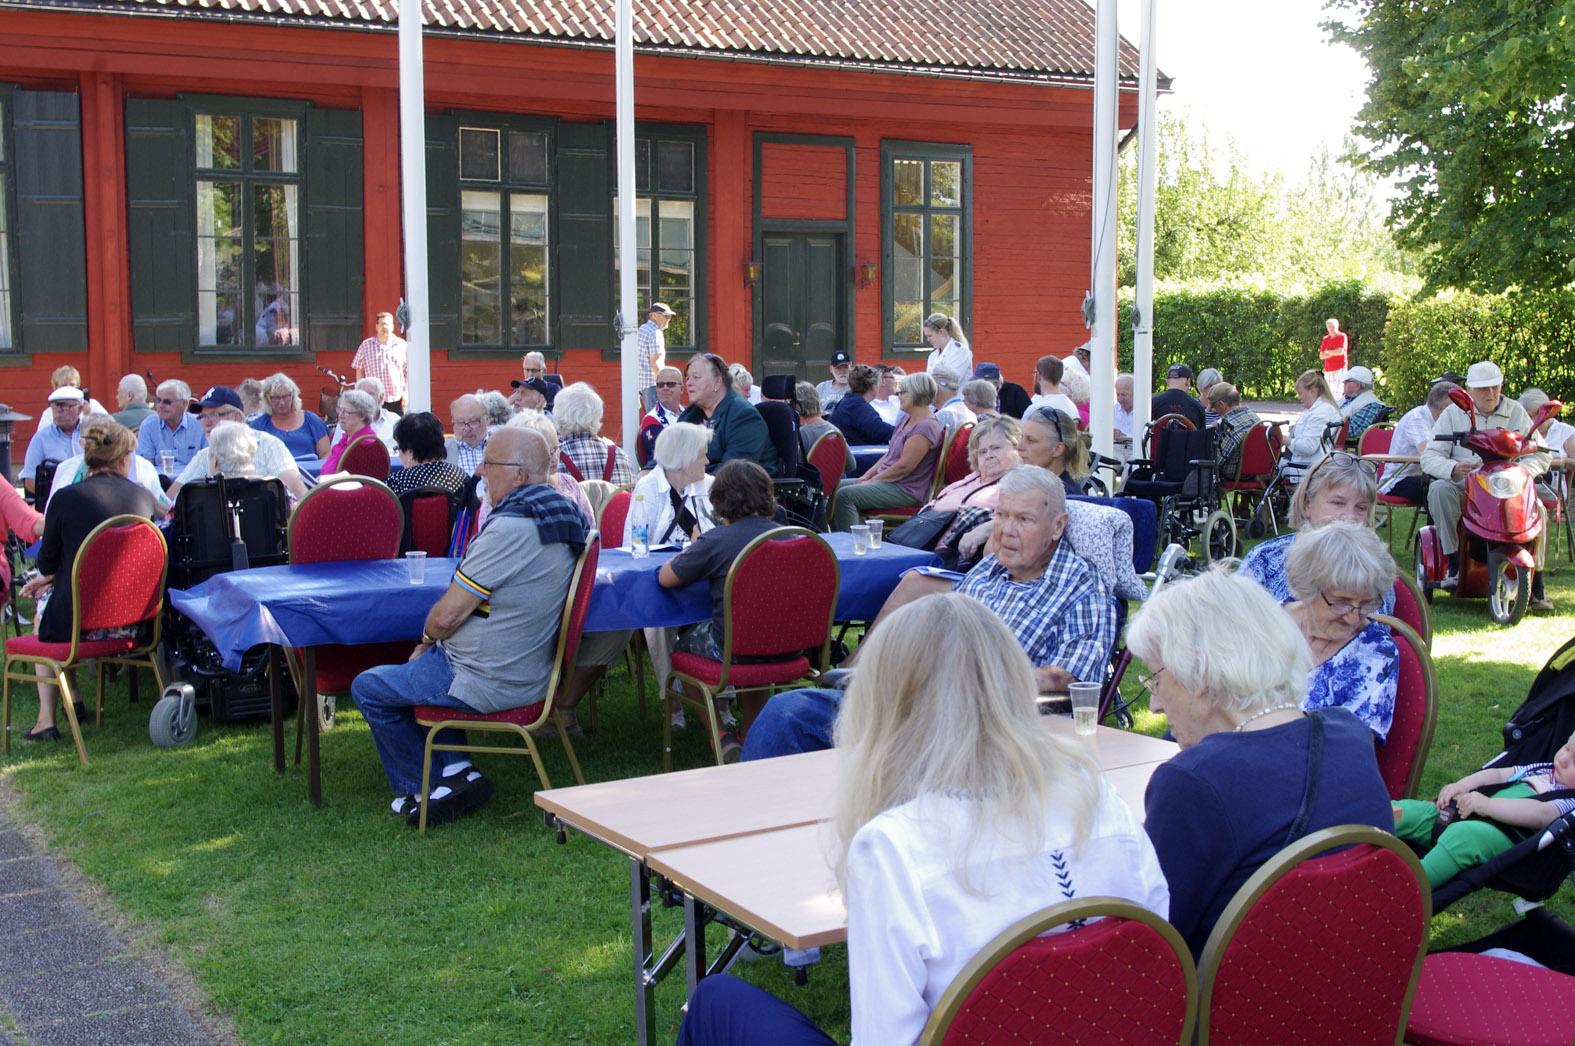 Några av de 350 besökarna vid Söderköpings brunn. Det blev publikrekord än en gång när kommunens äldre bjöds på en härlig eftermiddag i strålande väder. Flera ideella krafter såg till att dagen blev verklighet och uppskattningen från de äldre gick inte att ta miste på.